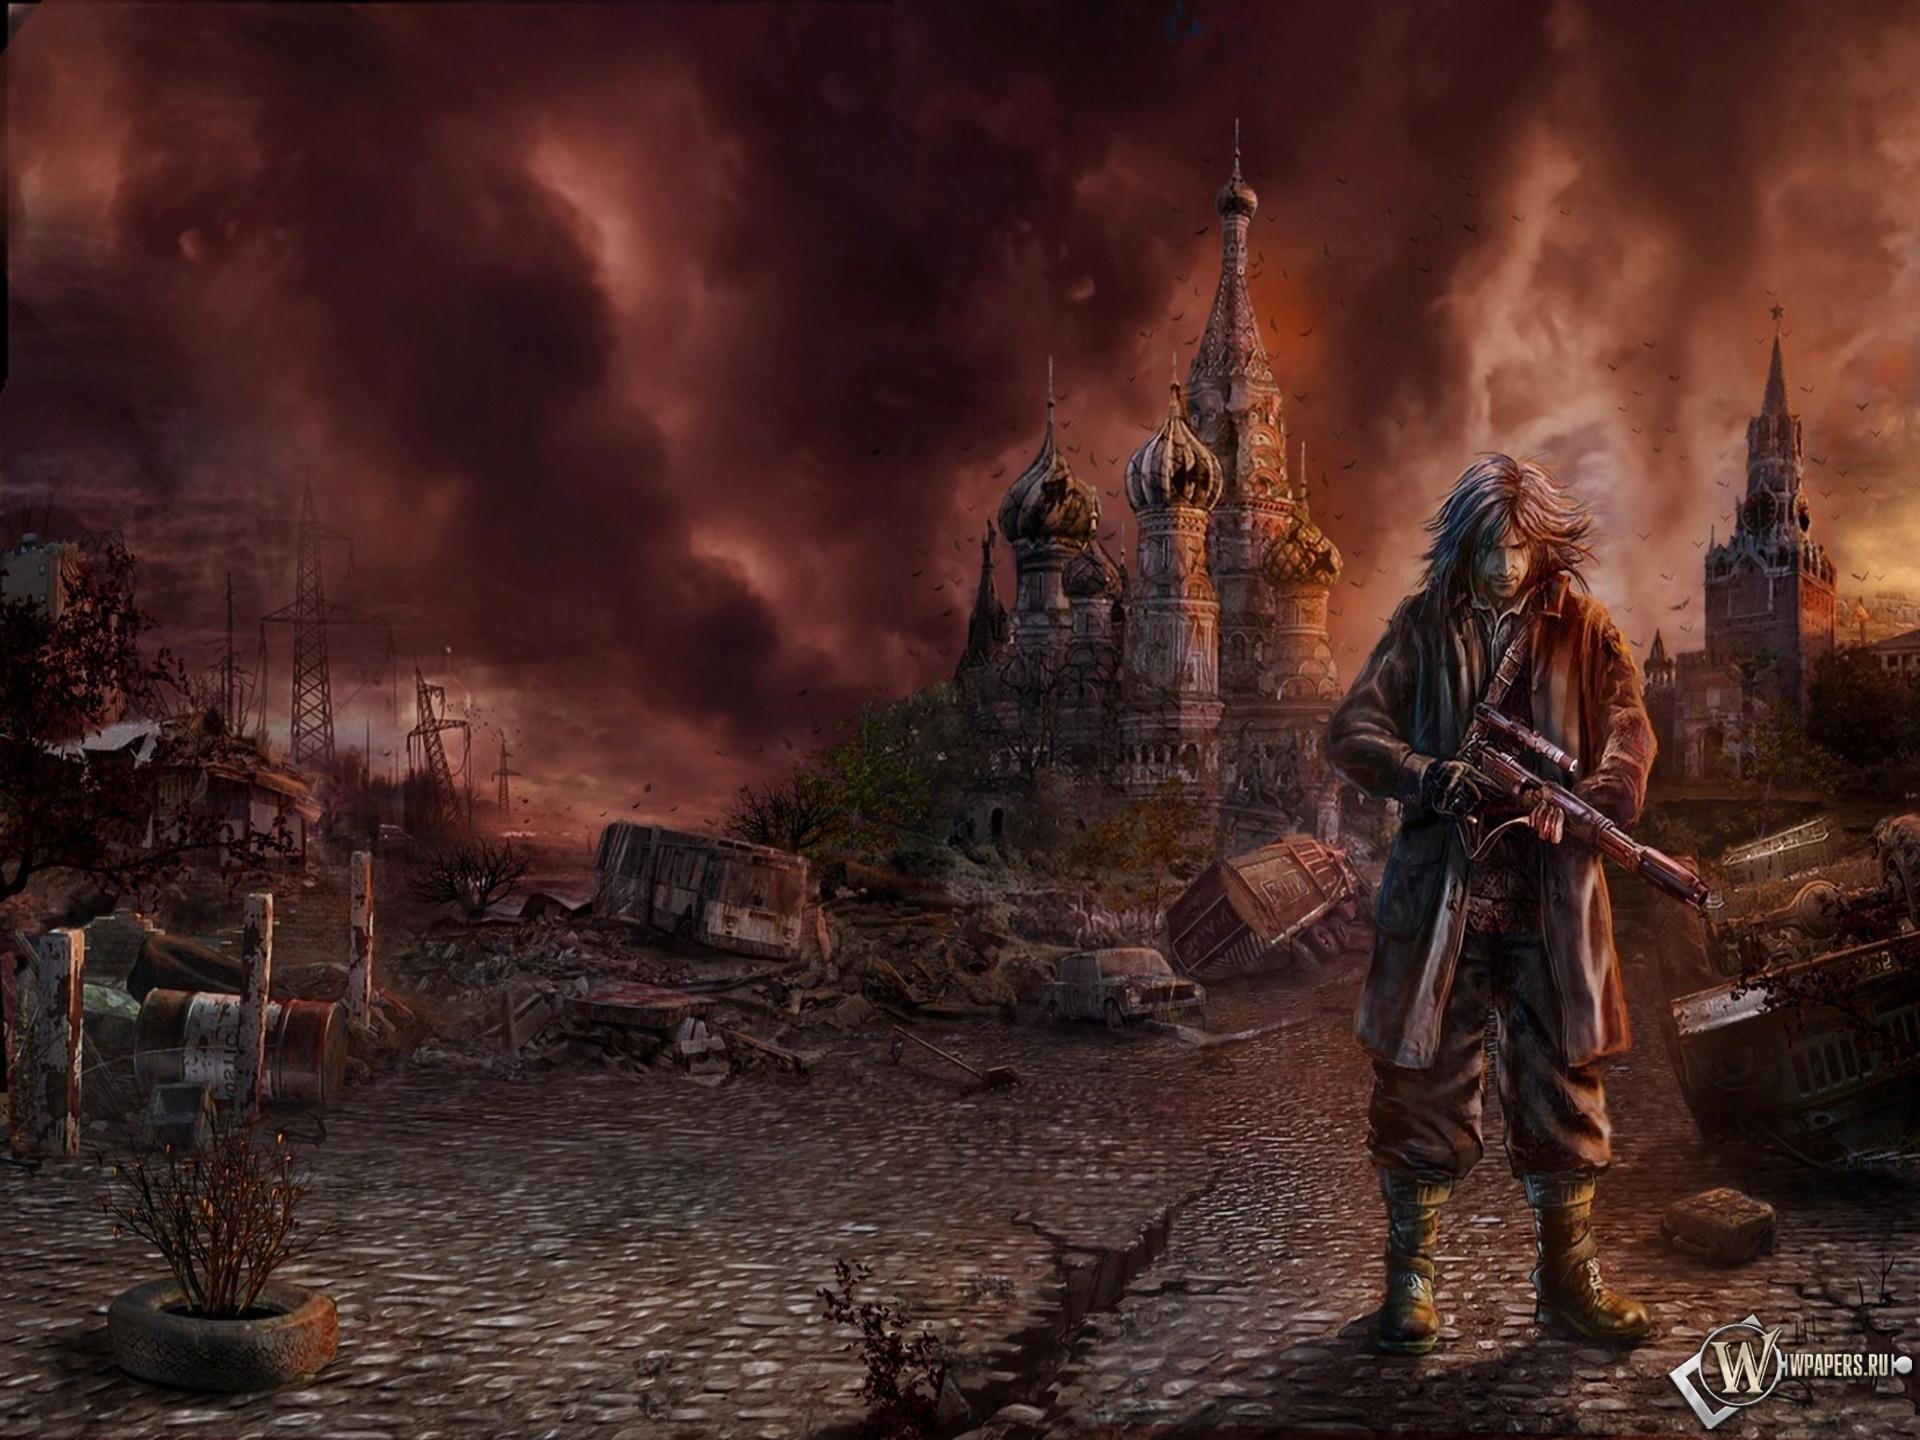 Скачать катастрофа, Кремль, мужик, фото, обои, картинка #366261.